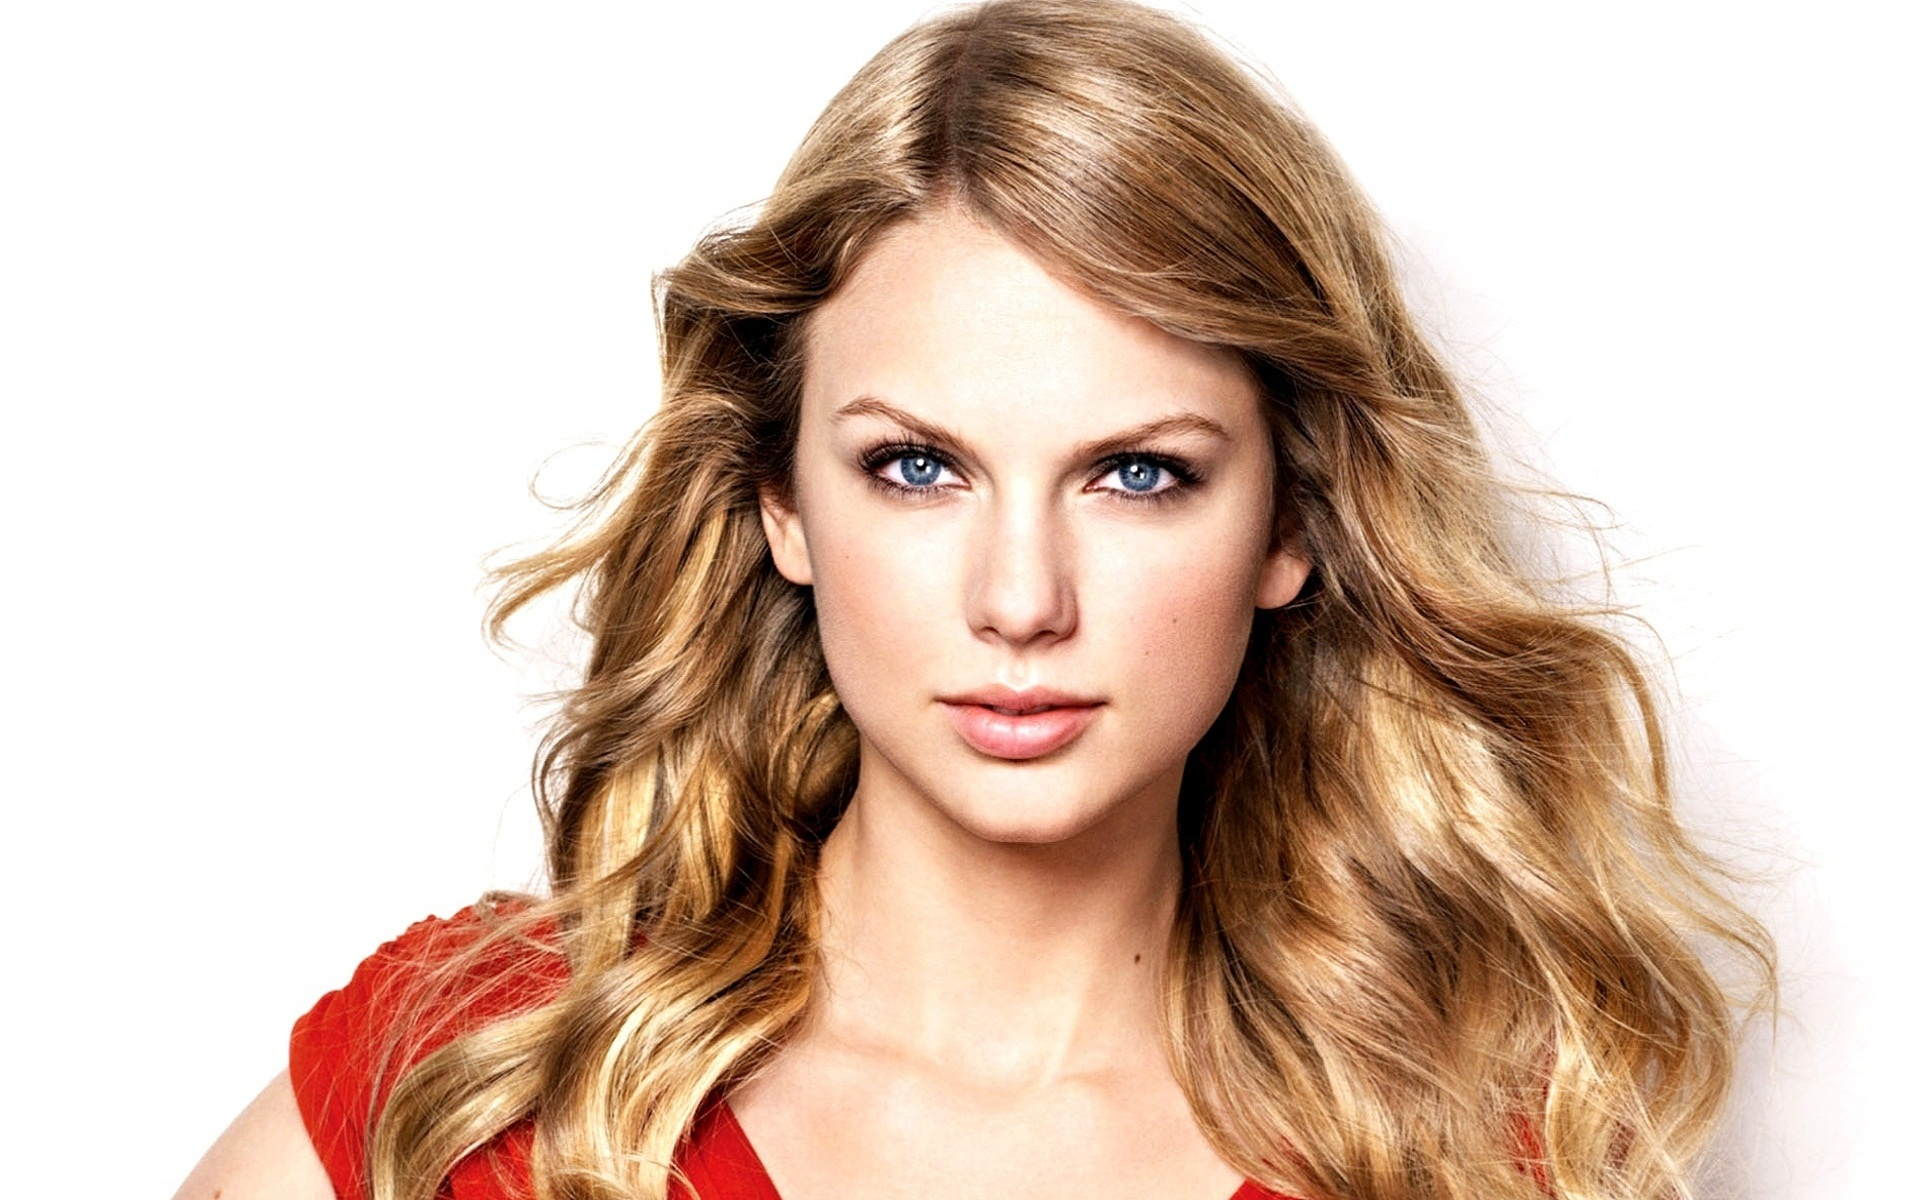 Тейлор Свифт стала самой сексуальной женщиной года